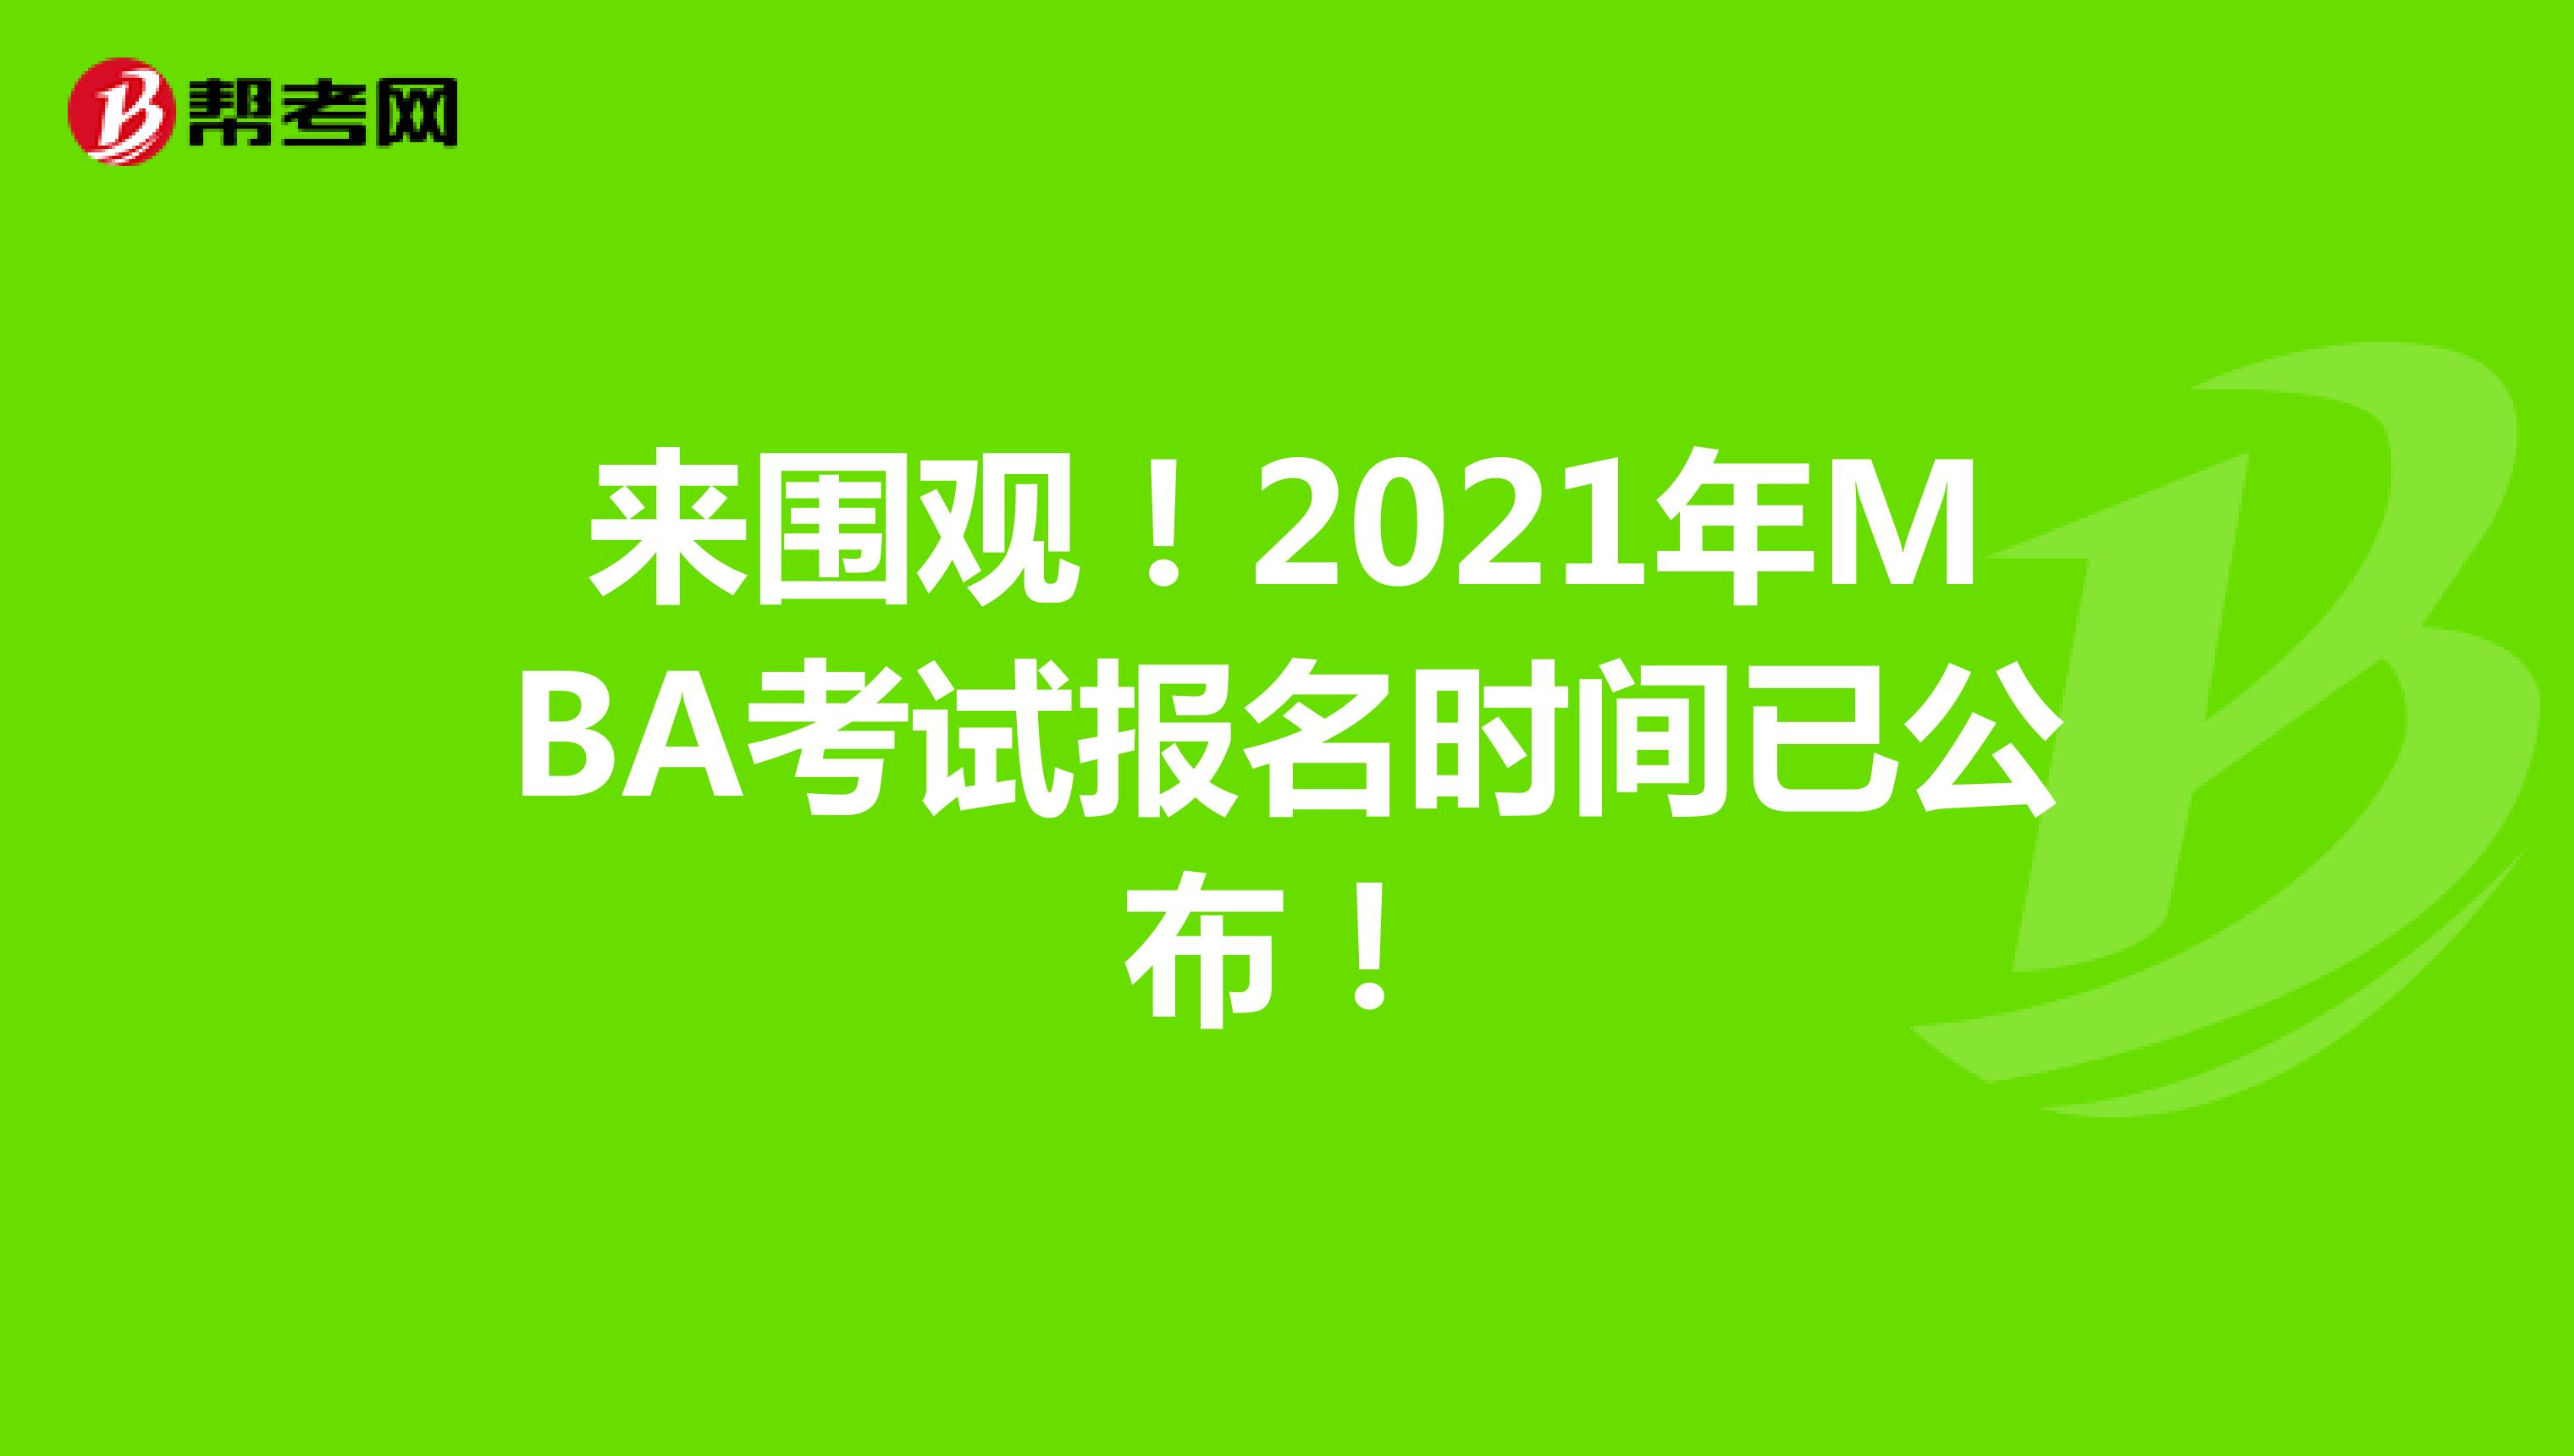 来围观!2021年MBA考试报名时间已公布!